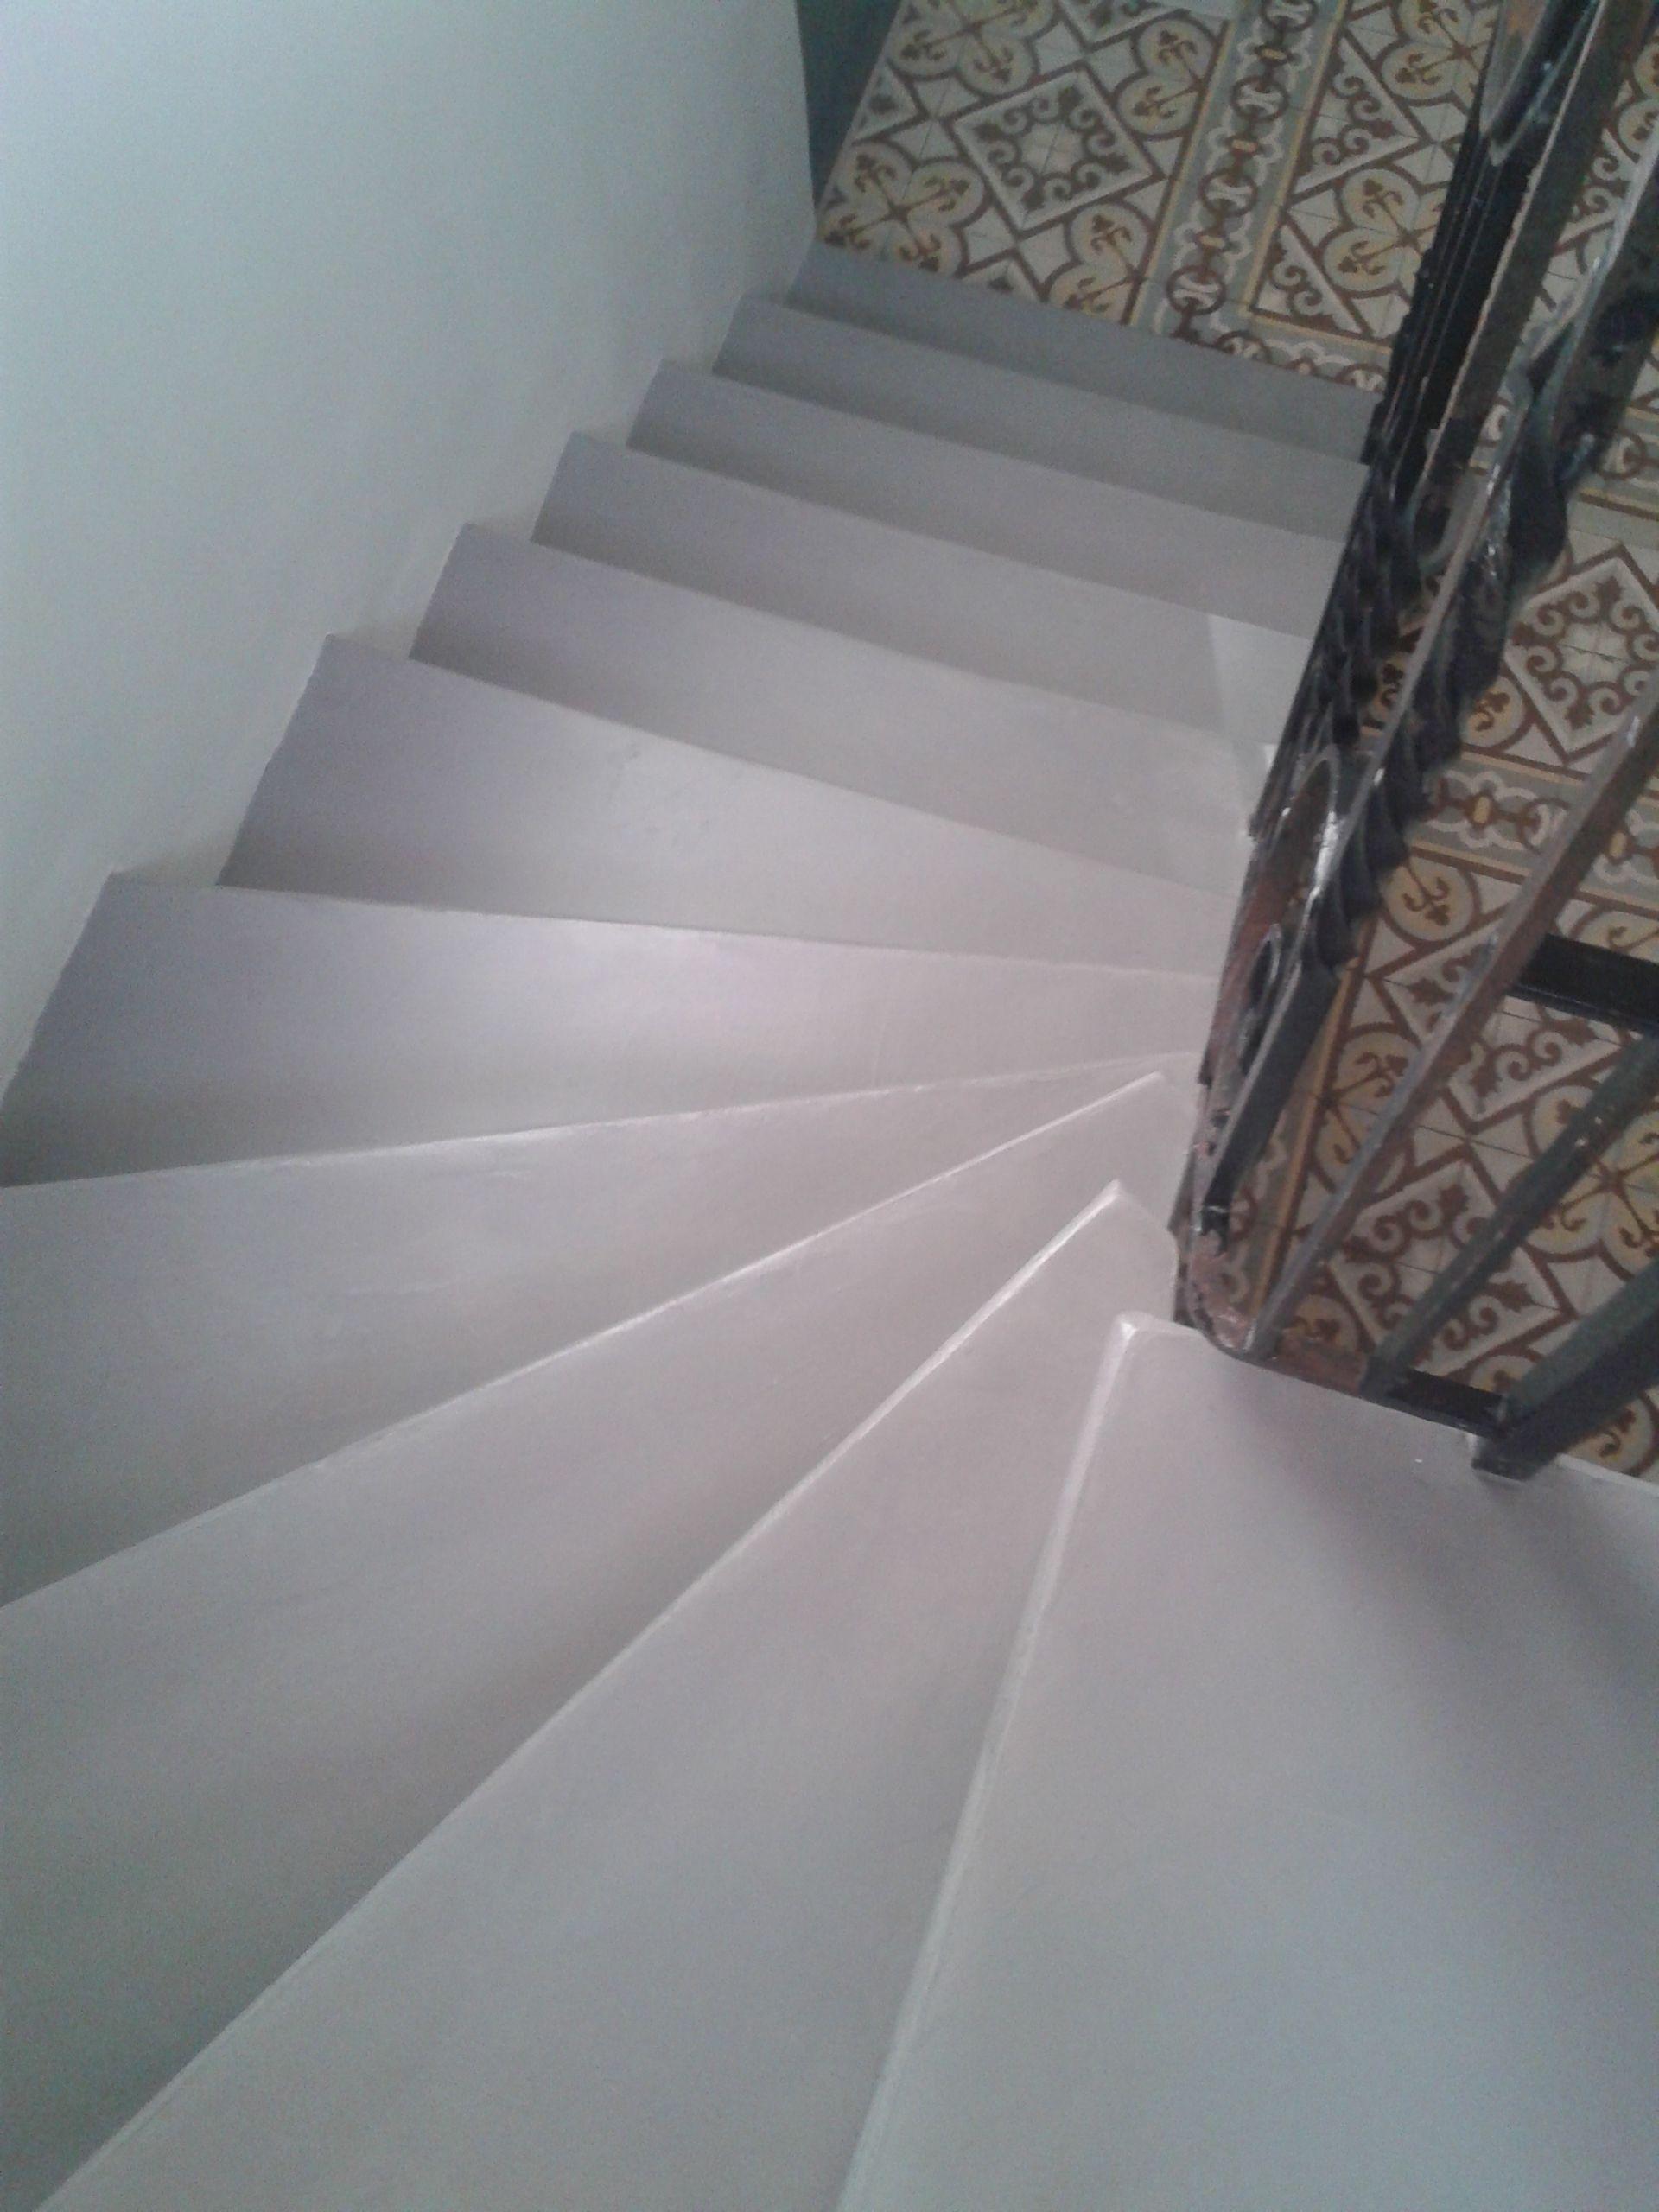 Escalier En Granito D Origine Recouvert De Resine Beton Idee Deco Escalier Decoration Escalier Escalier